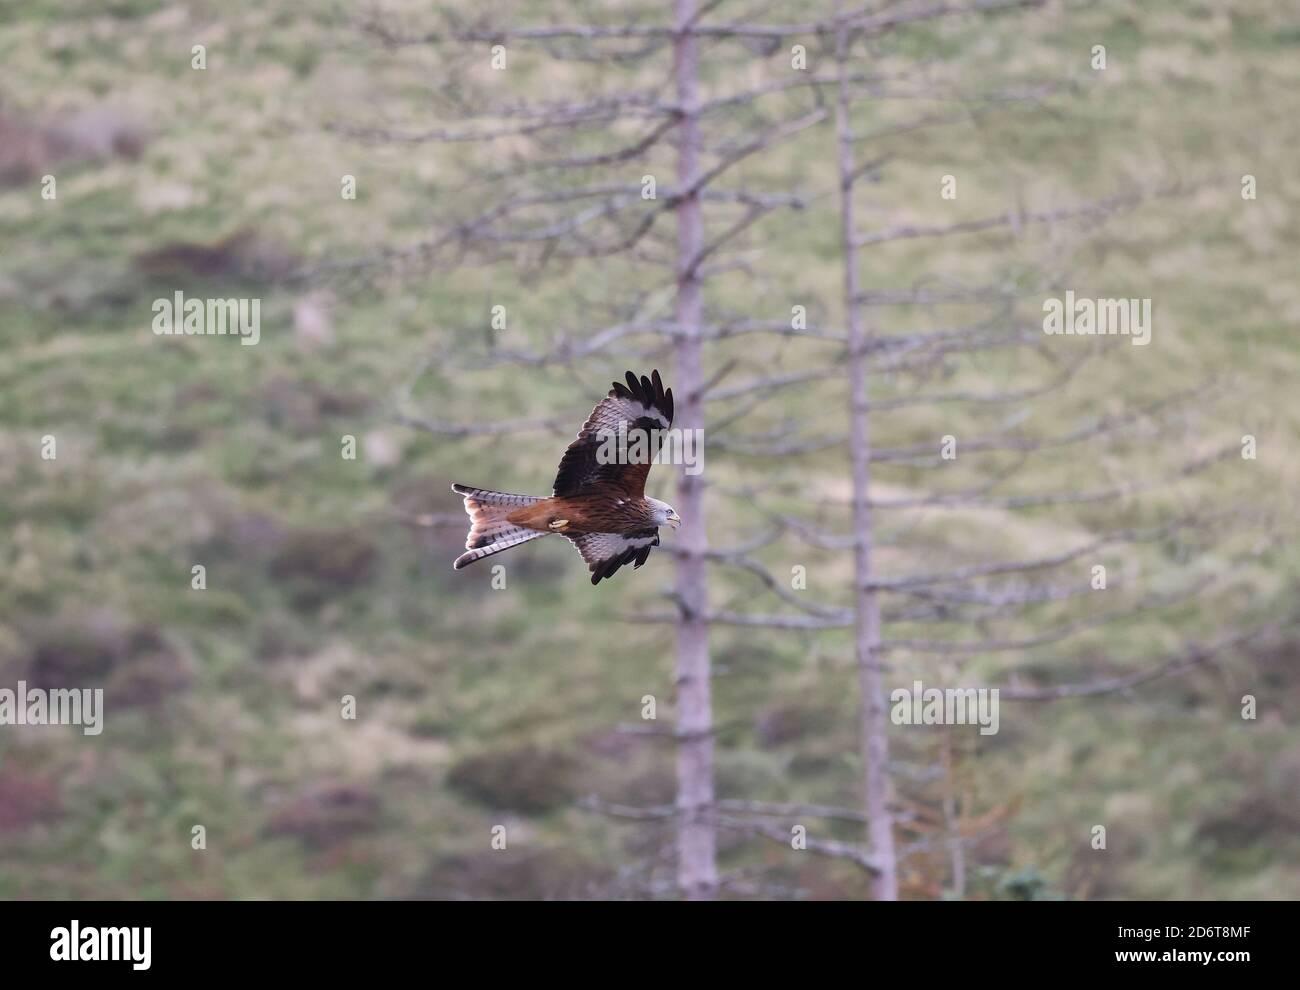 Red Kite, Milvus milvus, en un entorno natural galés, Gales, reino unido Foto de stock